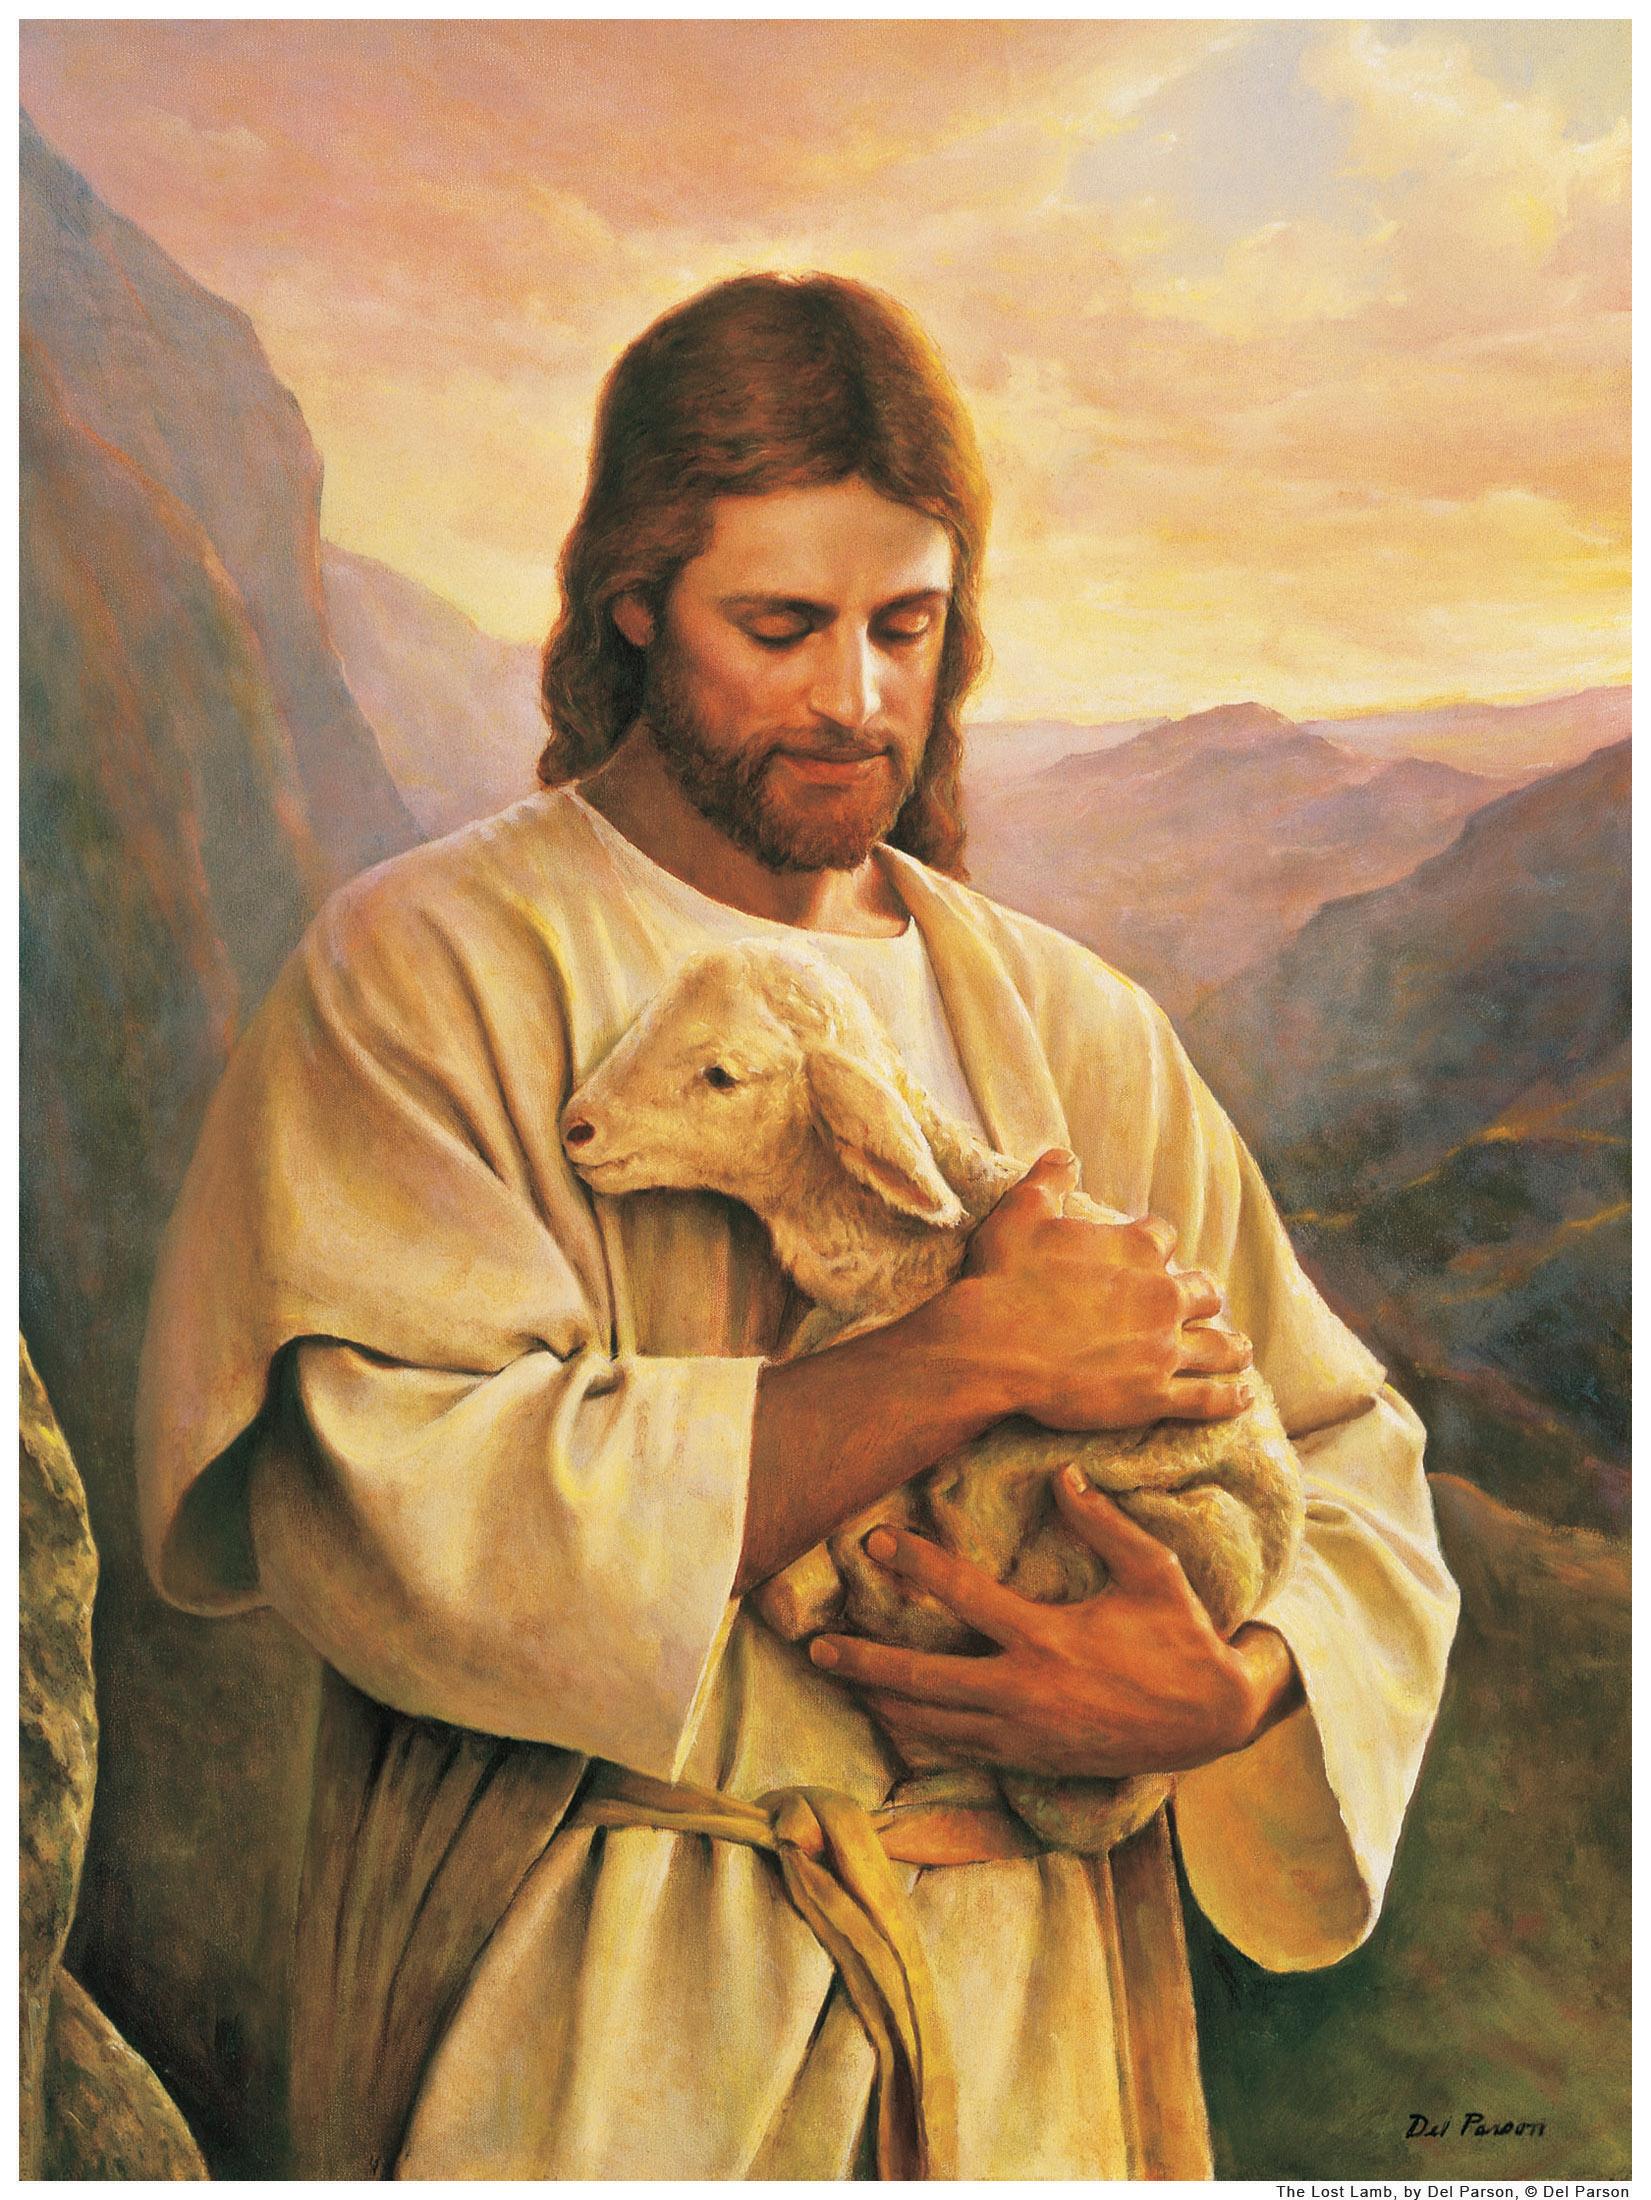 基督教因为爱的歌谱